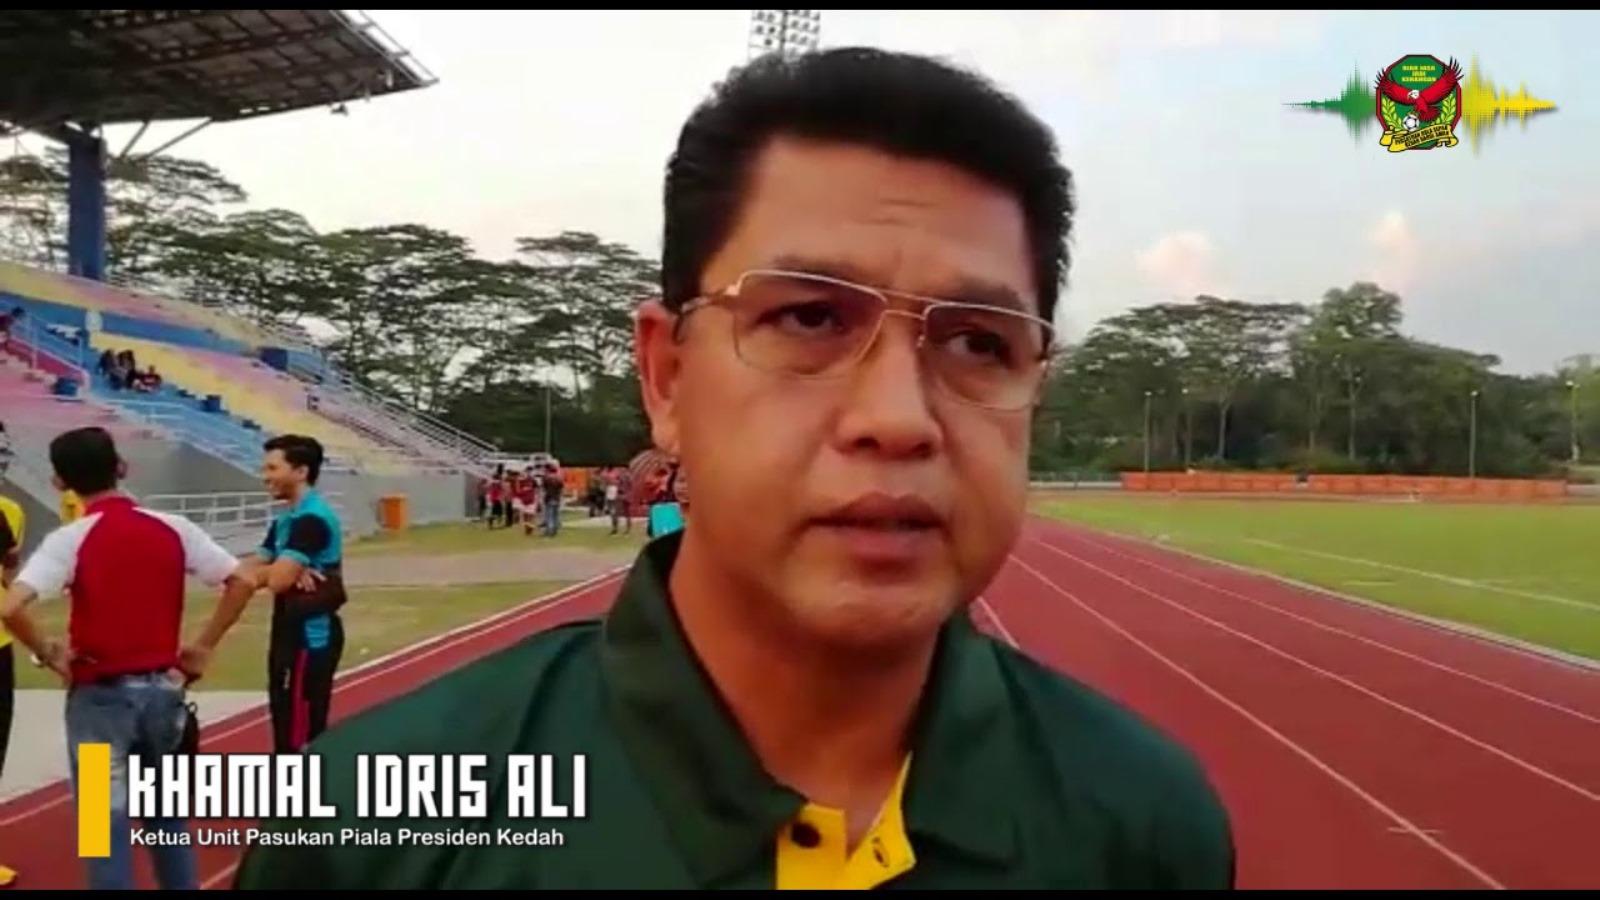 Khamal Idris Ali Kedah Sumareh Liridon 2021